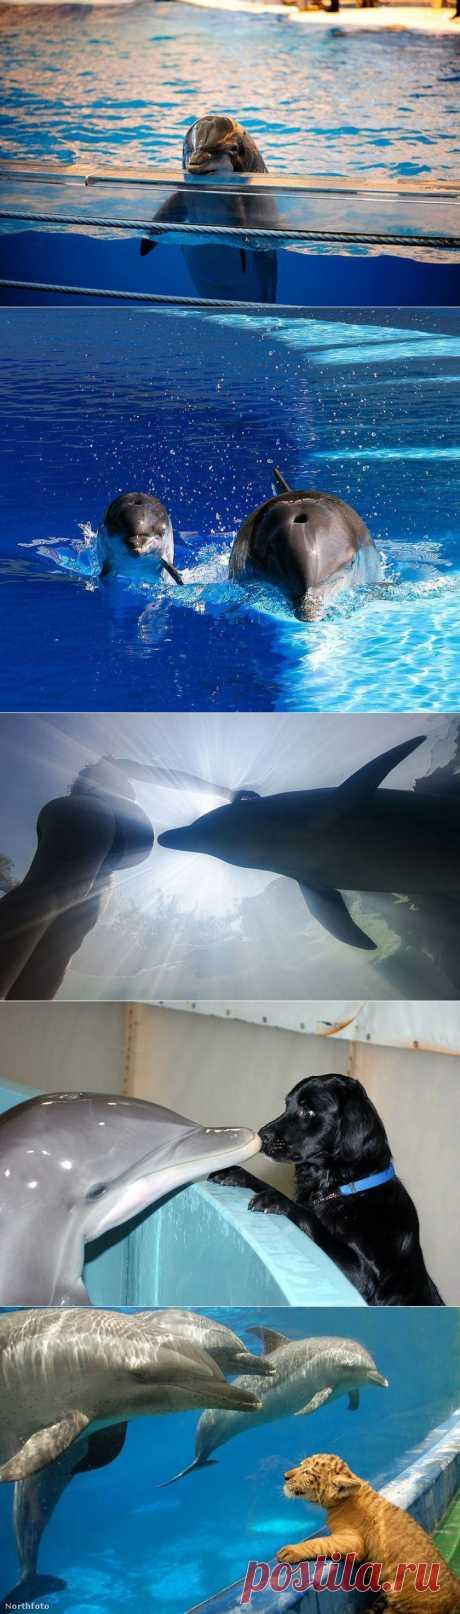 Удивительные факты о дельфинах |